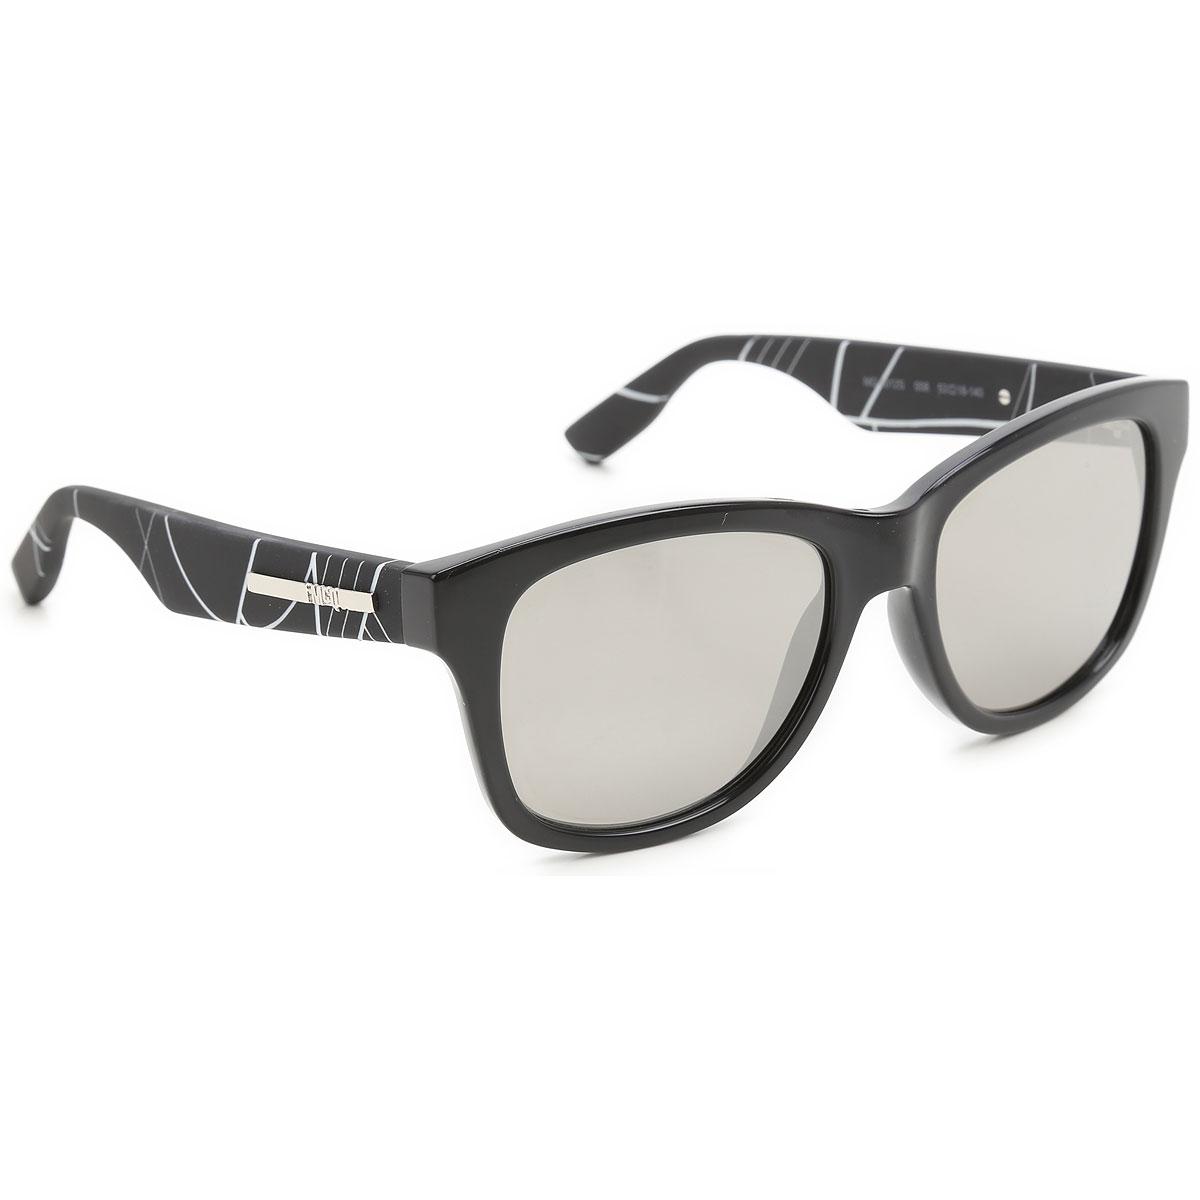 McQ Sunglasses Pas cher en Soldes, 2017